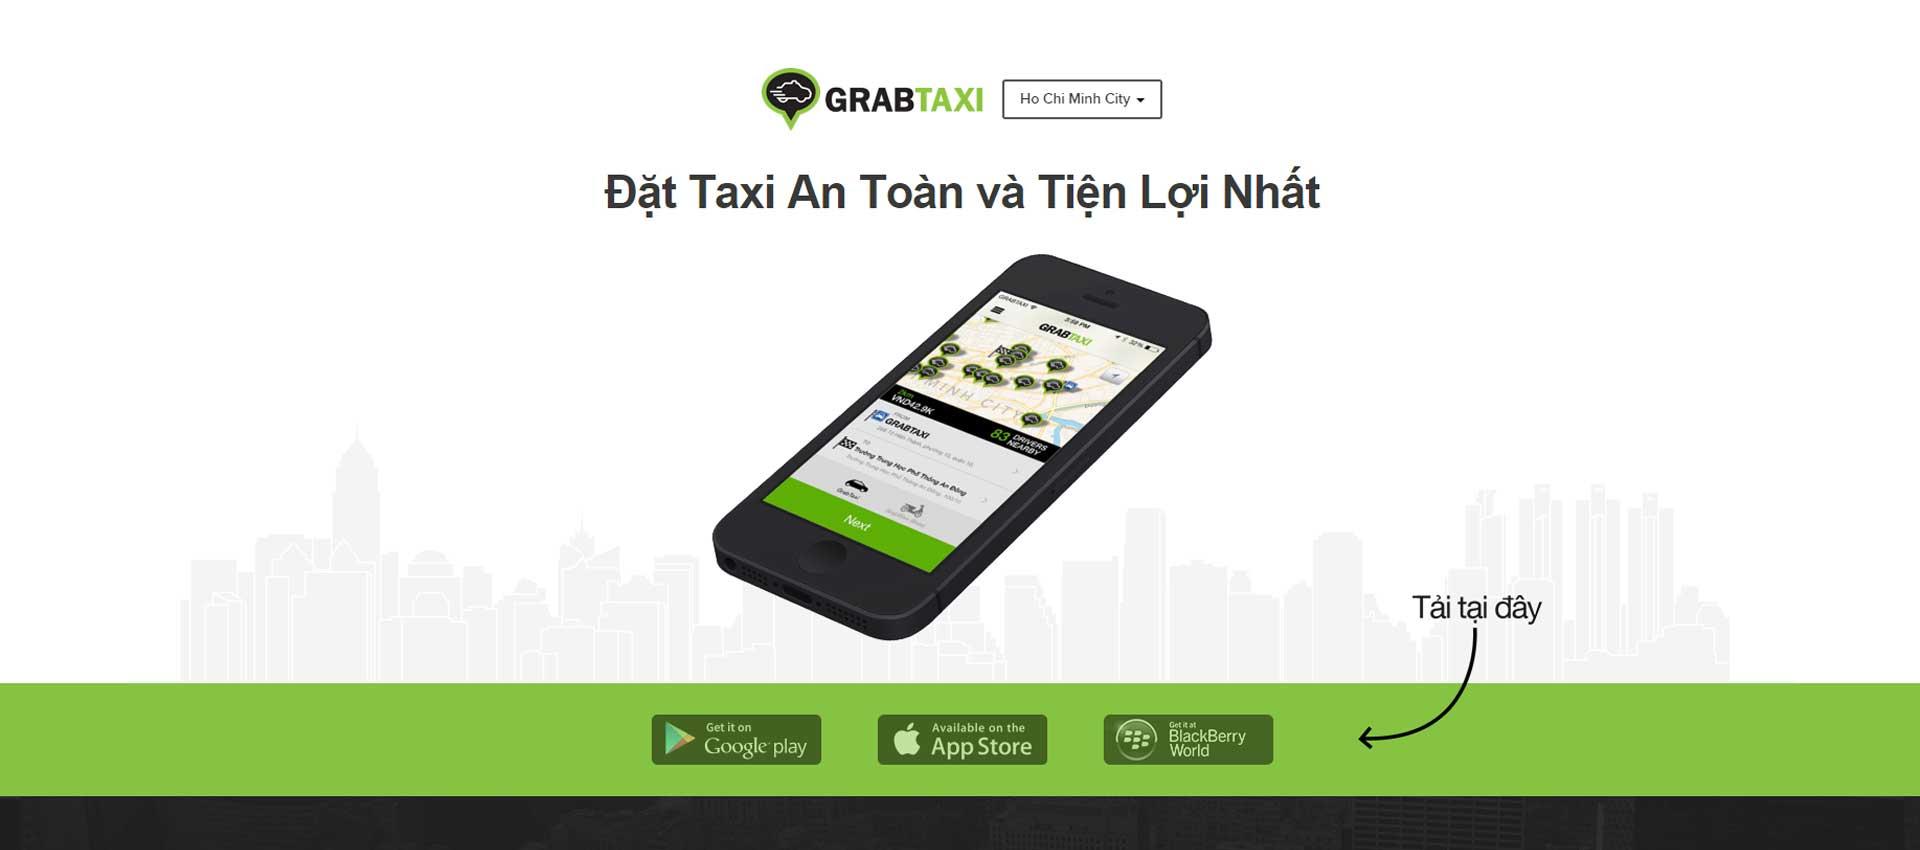 Thông tin tổng quan, khó khăn và kết quả đạt được của dự án GrabTaxi